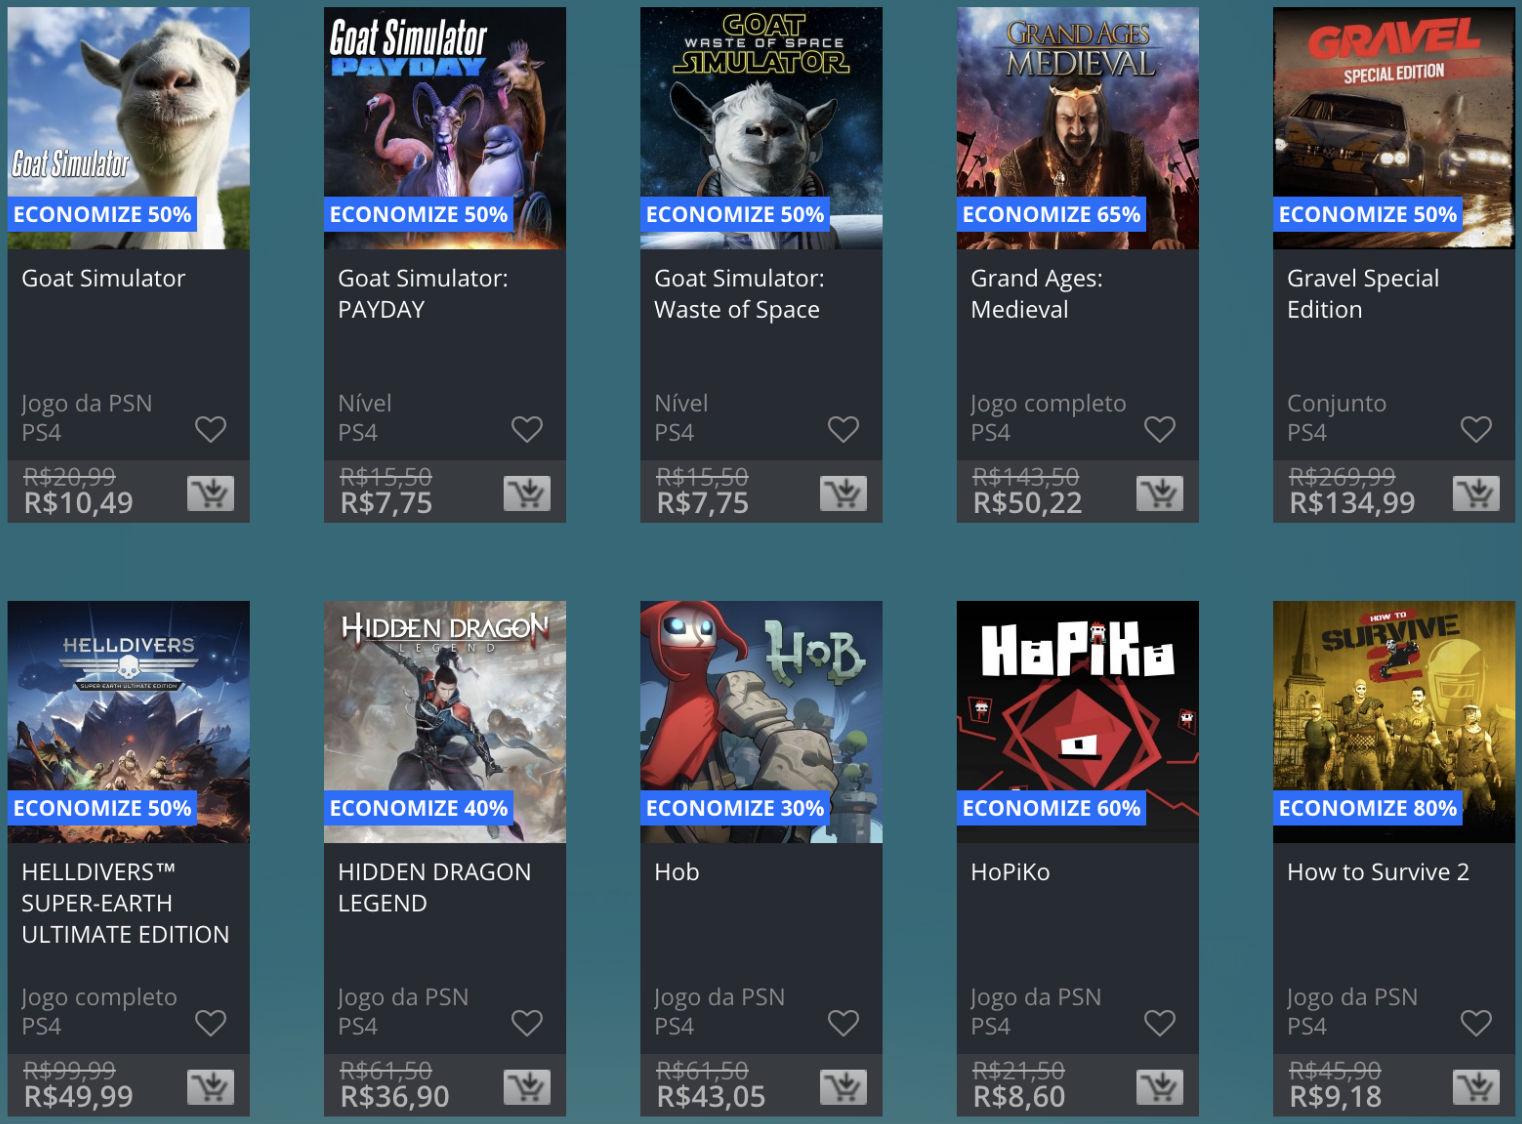 Promoção de Meio do Ano na PS Store com mais de 600 itens com preços que variam de R$ 10 a R$ 200 14